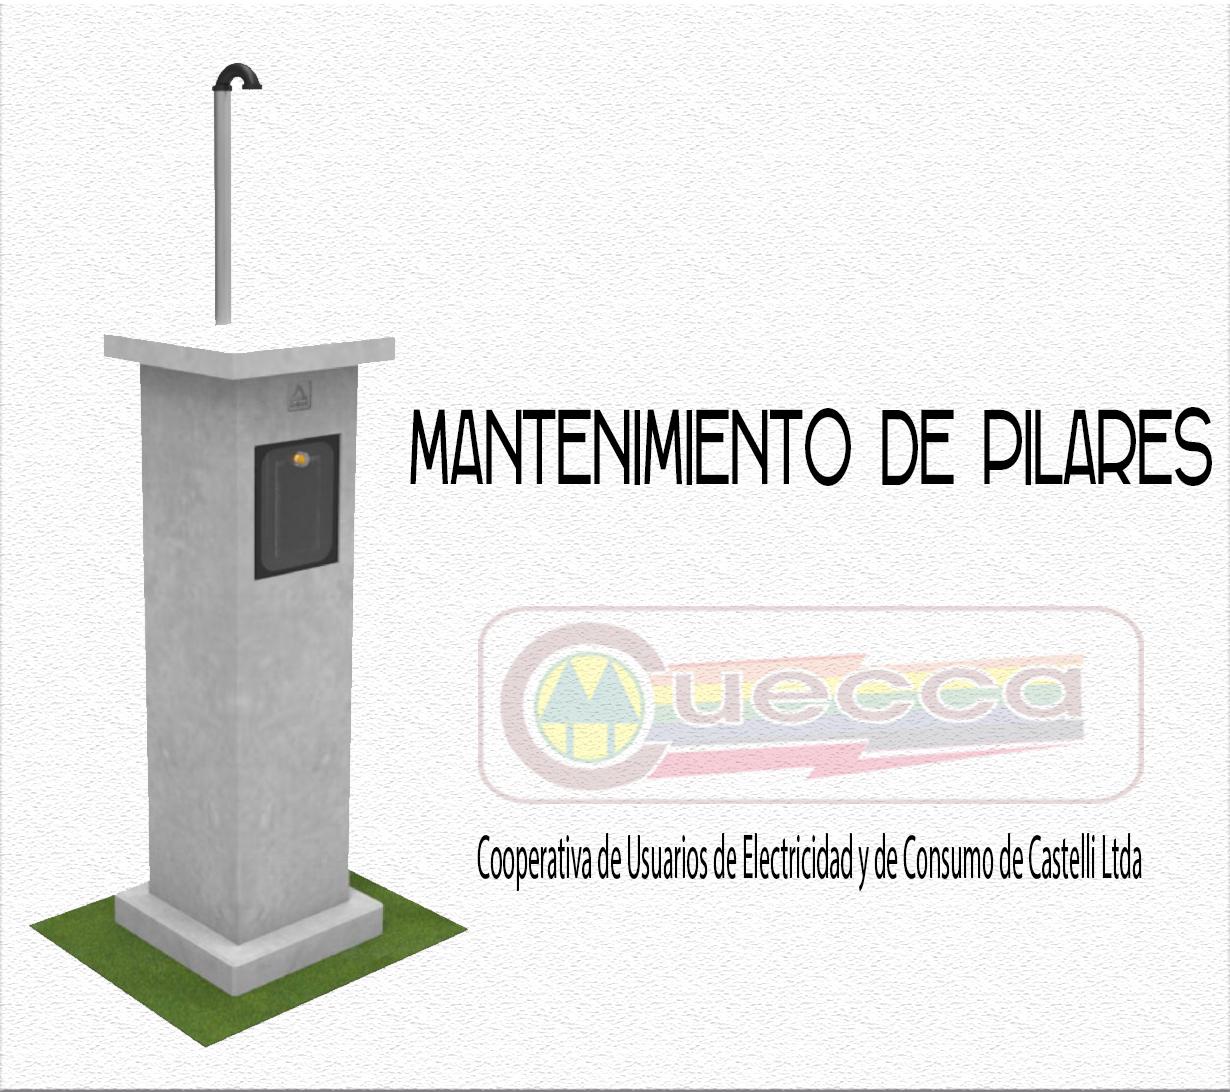 MANTENIMIENTO DE PILARES